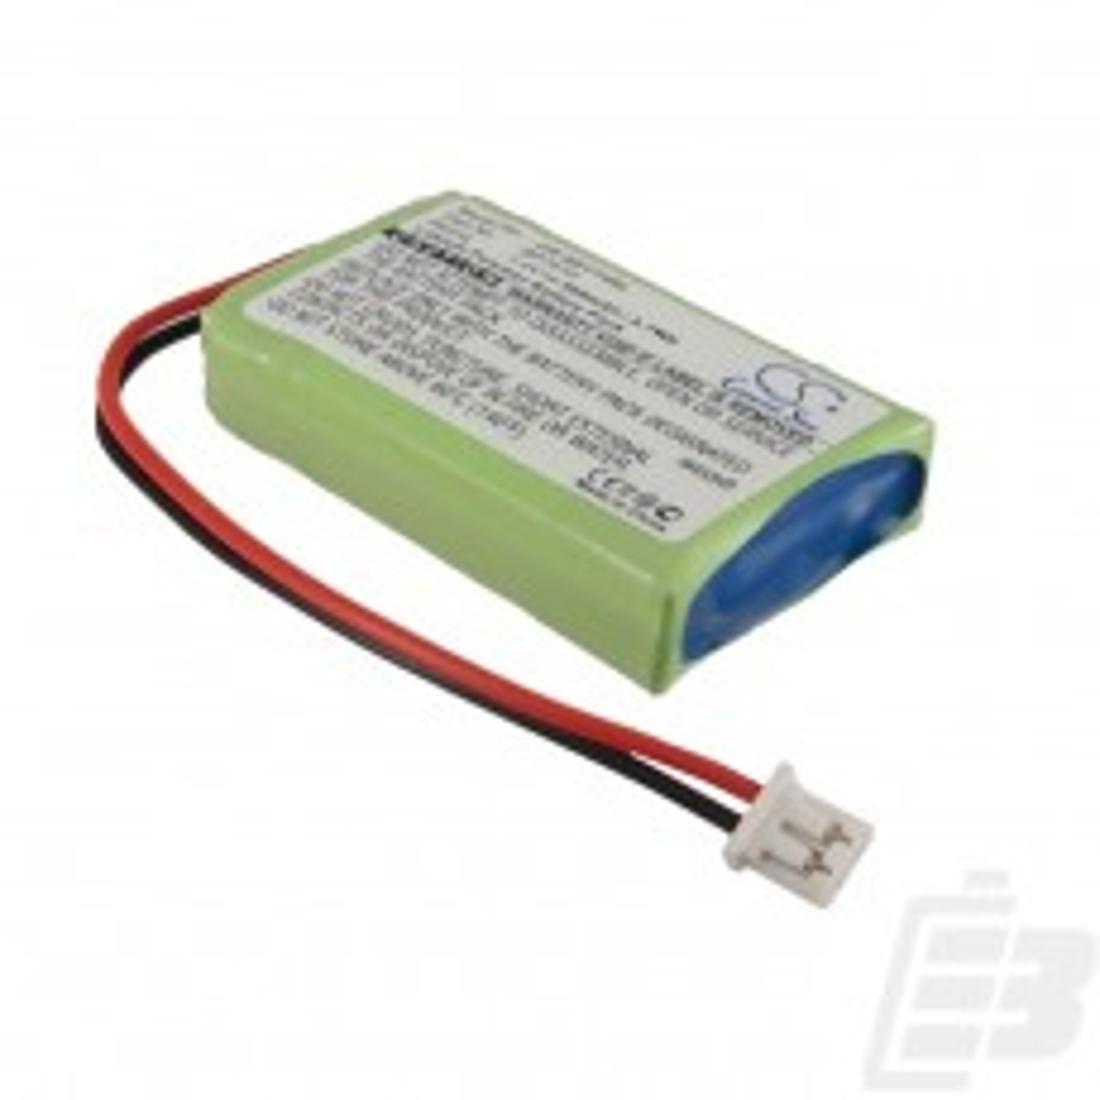 Μπαταρία ηλεκτρικού κολάρου σκύλου Dogtra Transmitter 2300NCP_1